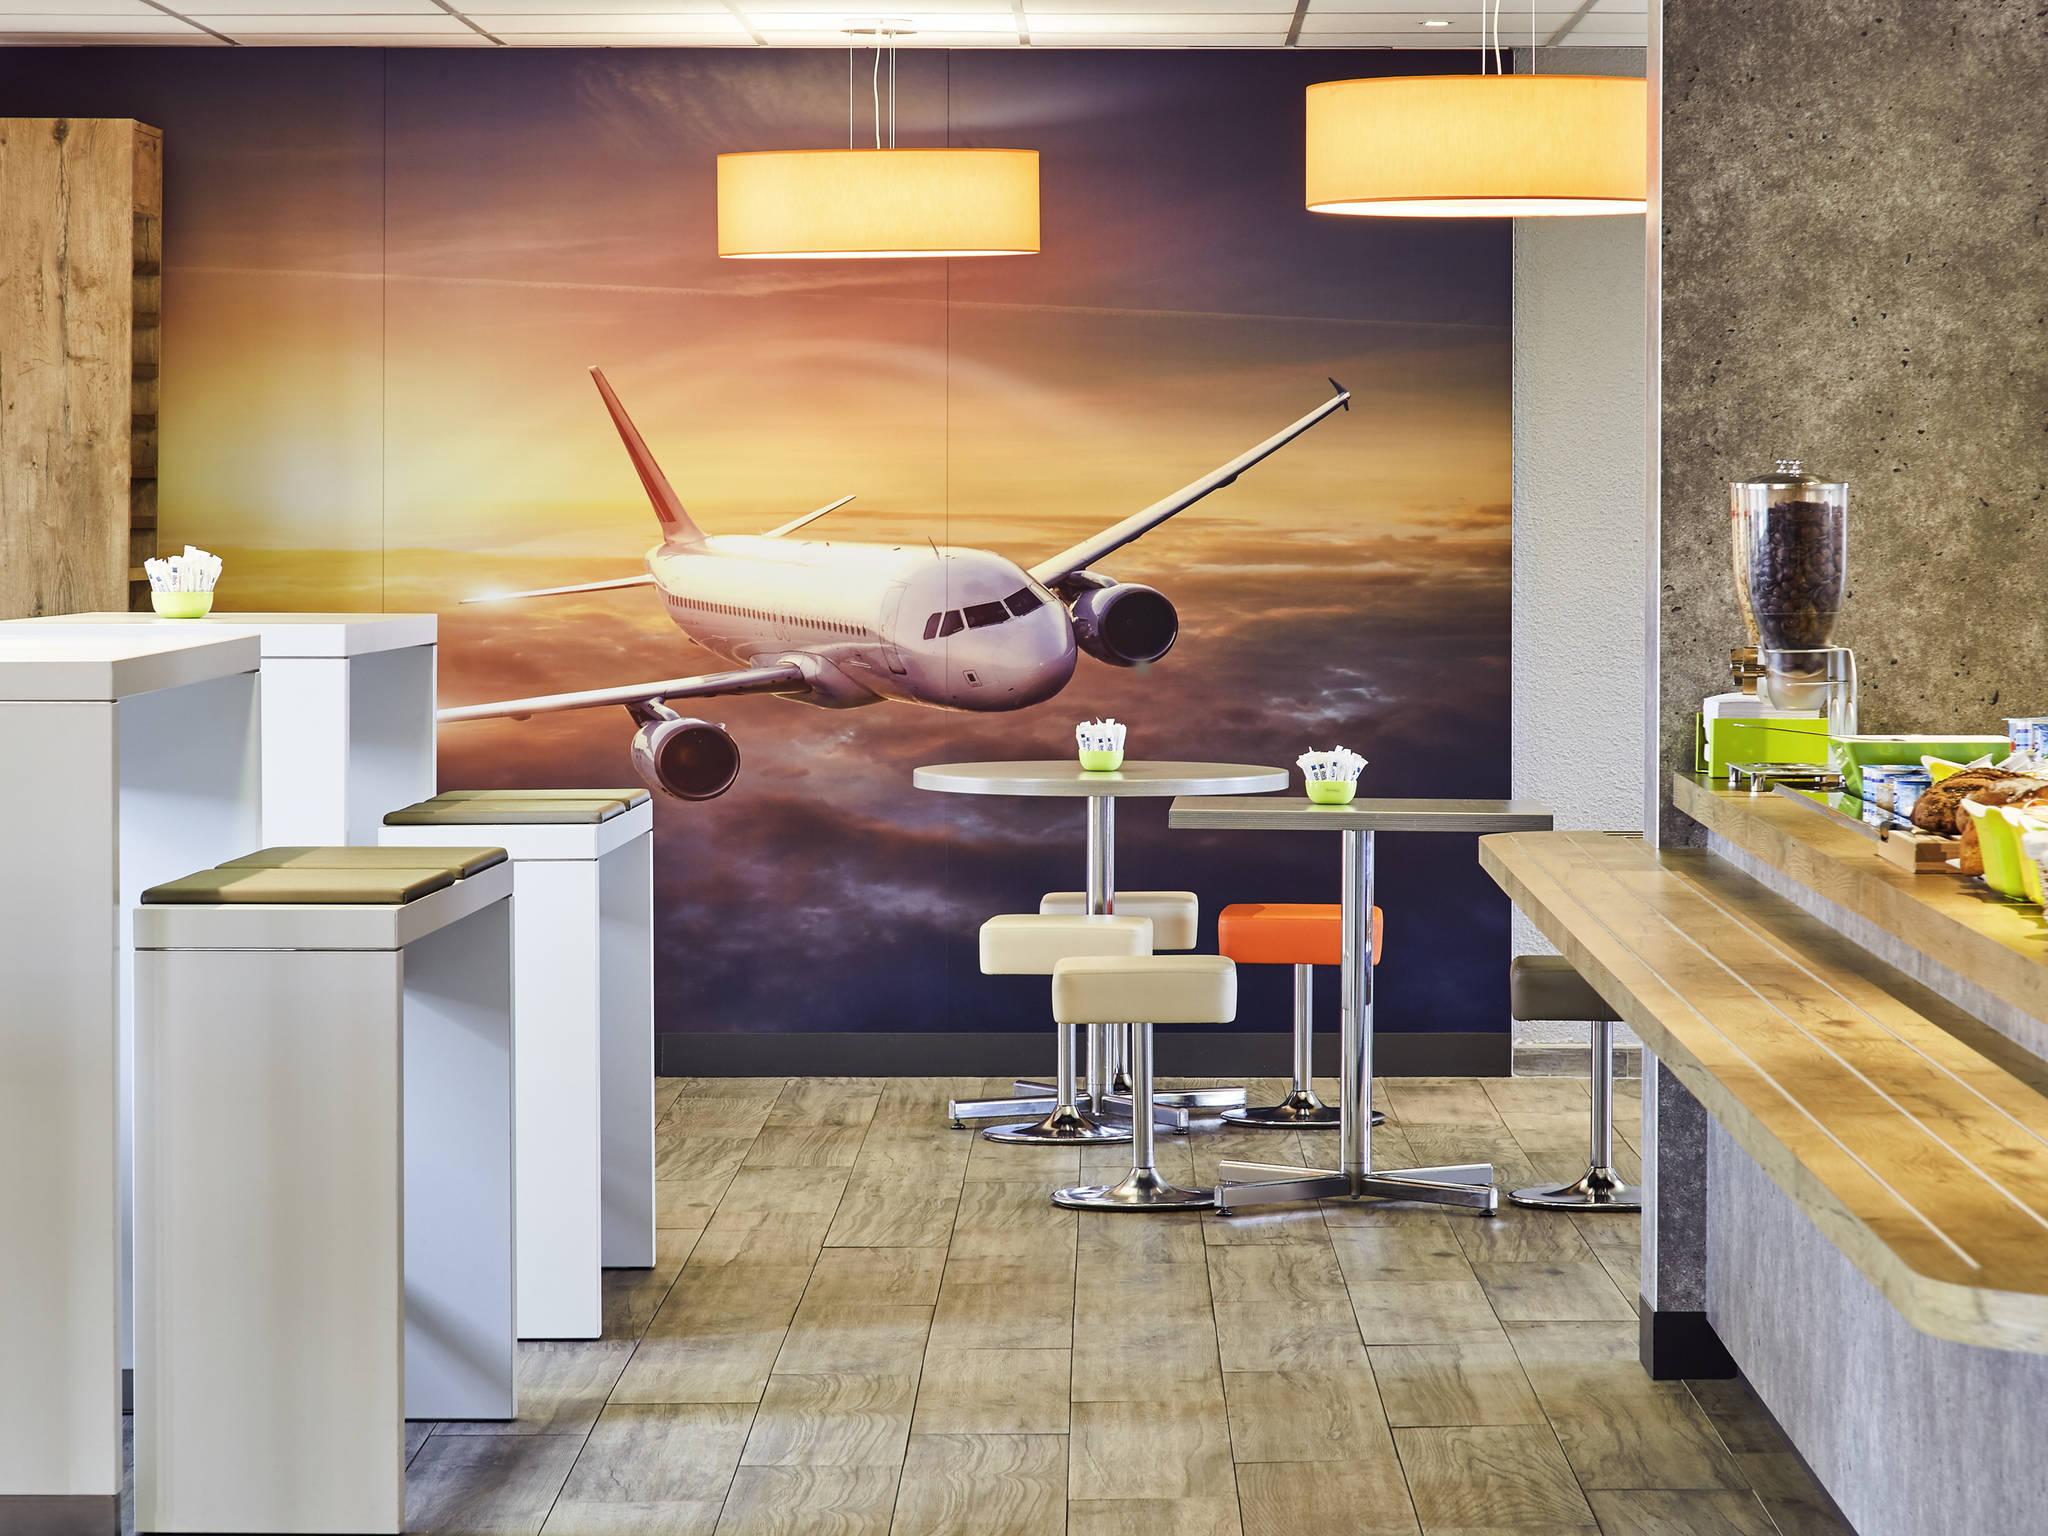 Hotel Aeroport Marseille Ibis Budget